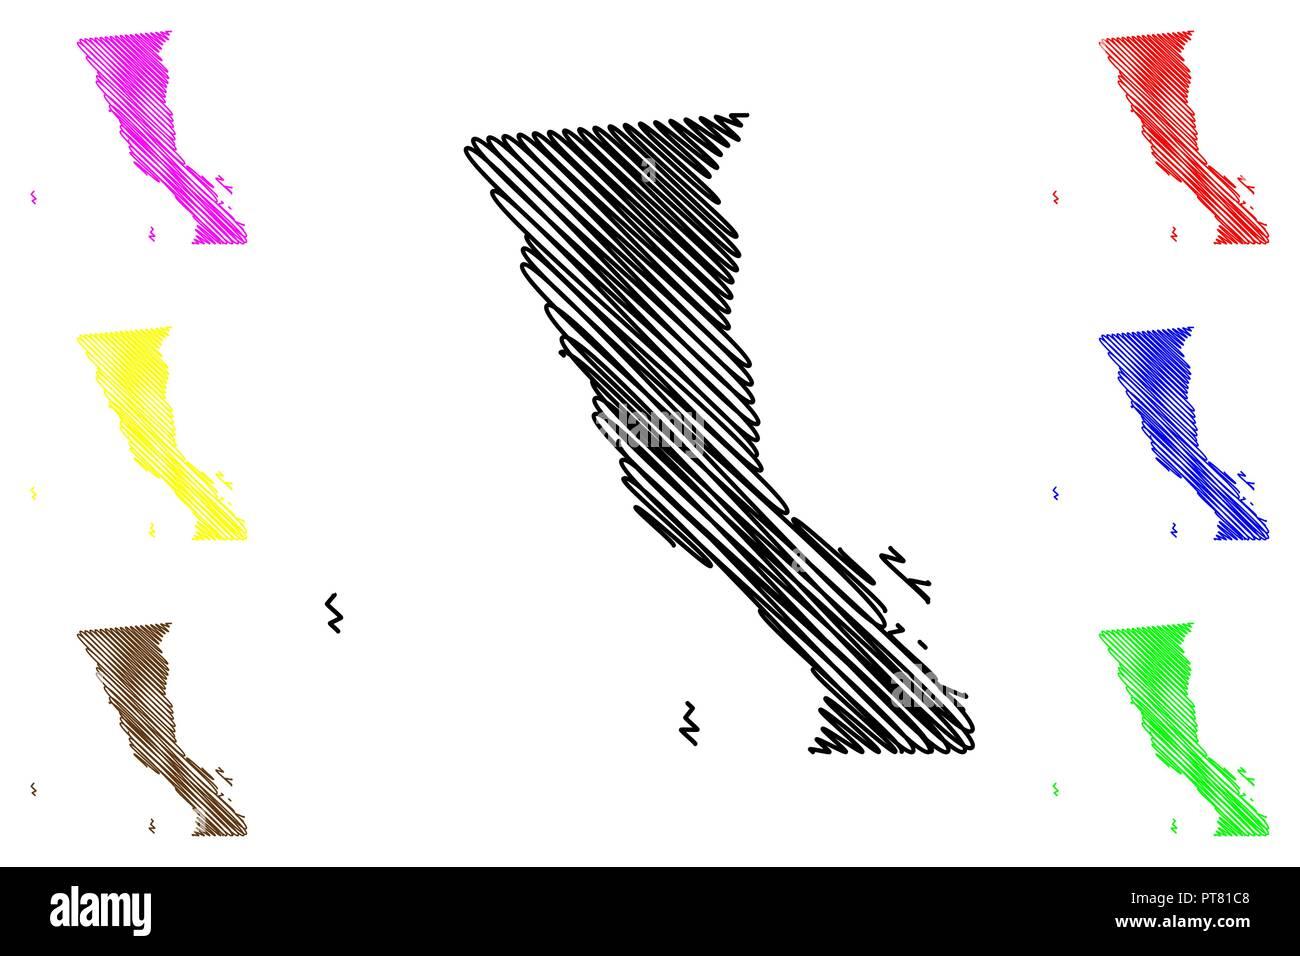 Mexiko Staaten Karte.Baja Kalifornien Vereinigte Mexikanische Staaten Mexiko